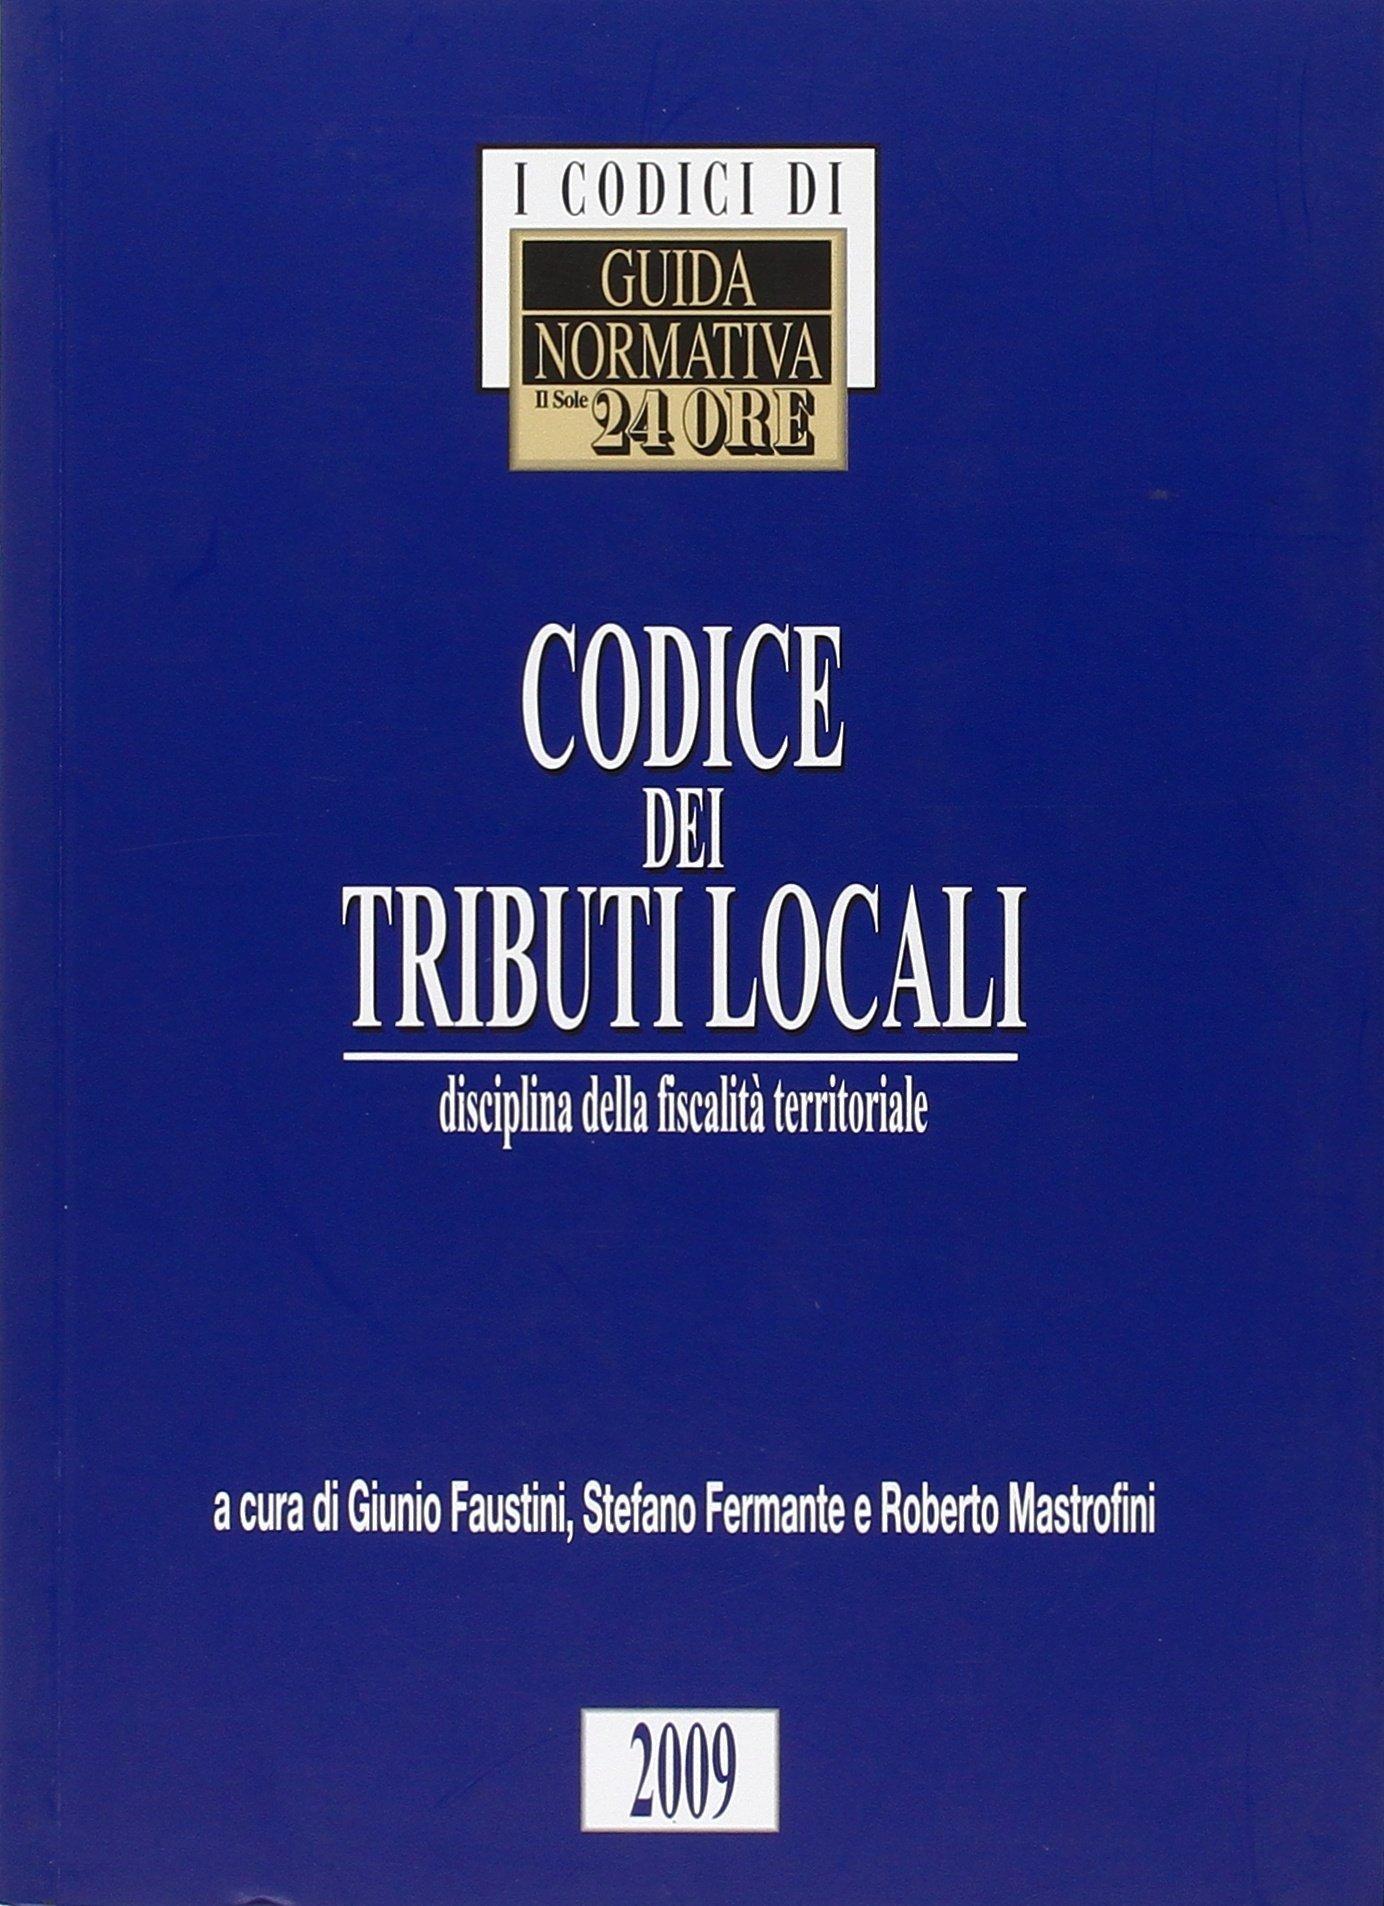 Codice dei tributi locali. Disciplina della fiscalità territoriale